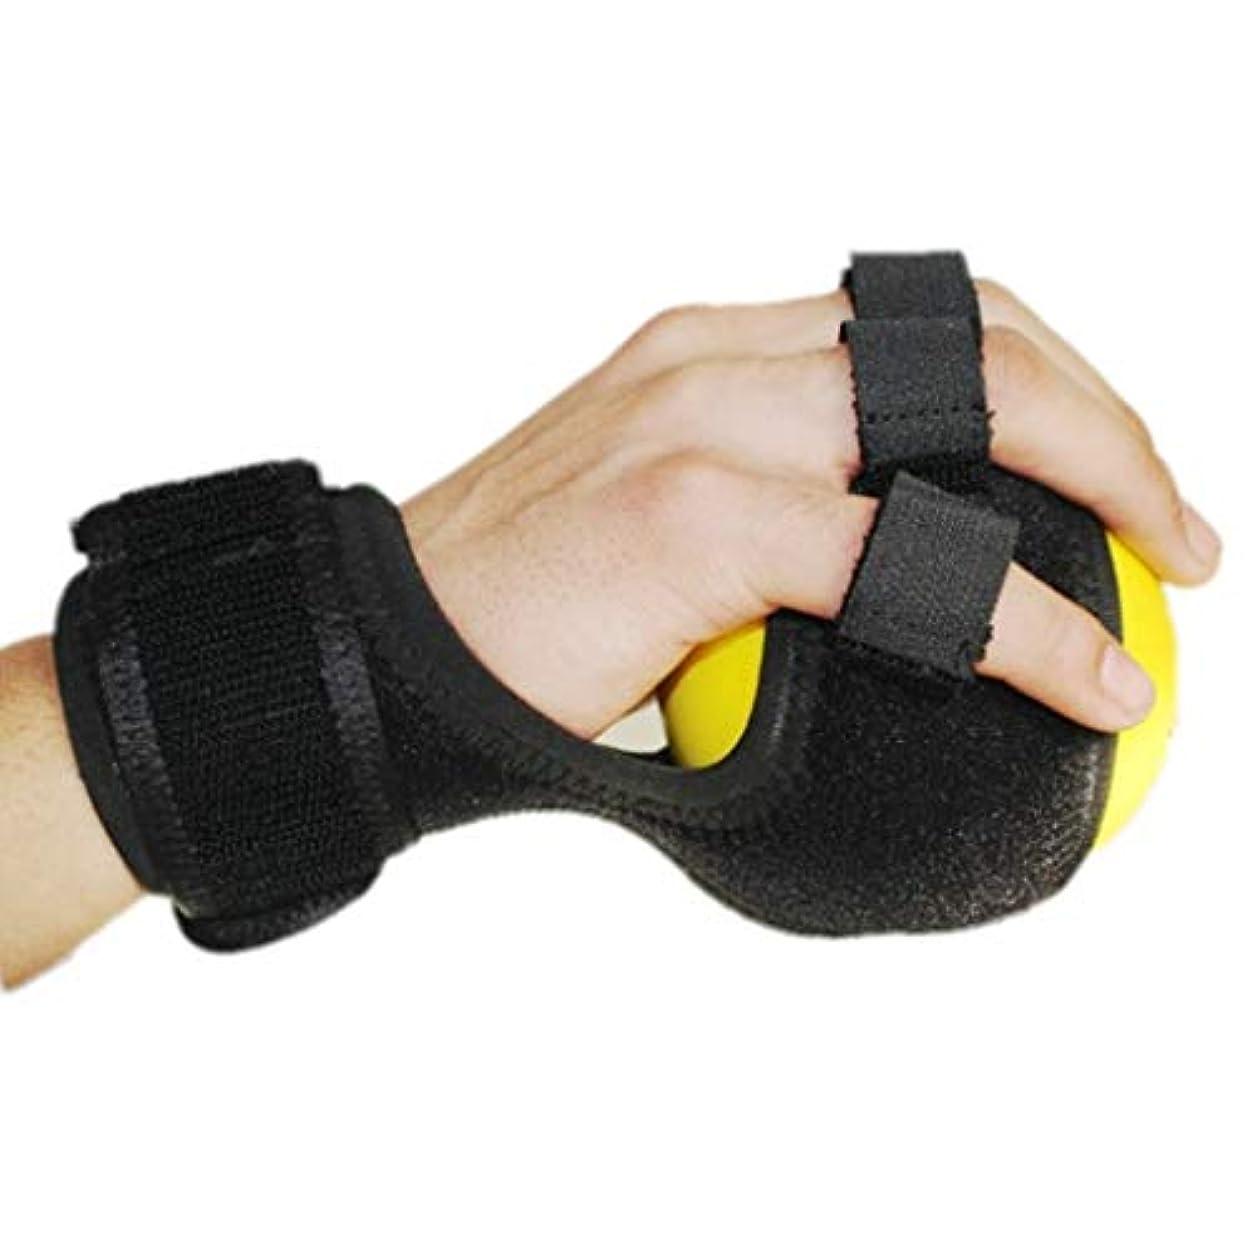 偏見論争的一方、グリップボールは手をつない機能障害アンチスクワット指補正デバイスのデバイストレーニング機器ストローク片麻痺リハビリトレーニングデバイスを参照します